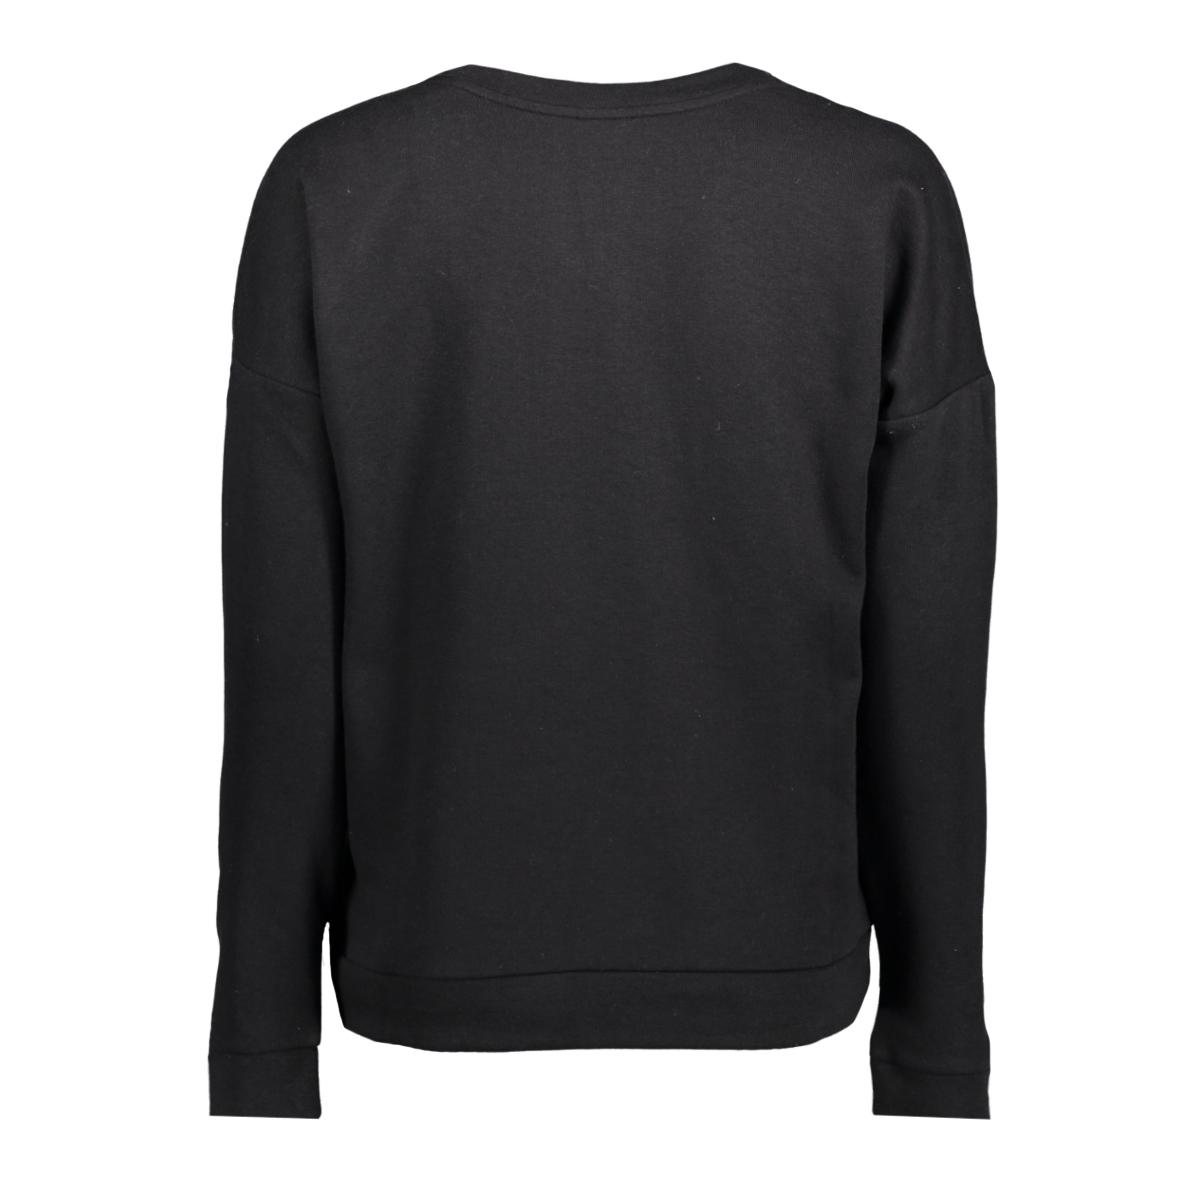 jdytori l/s print sweat 11 swt 15140959 jacqueline de yong sweater black/pure_chic